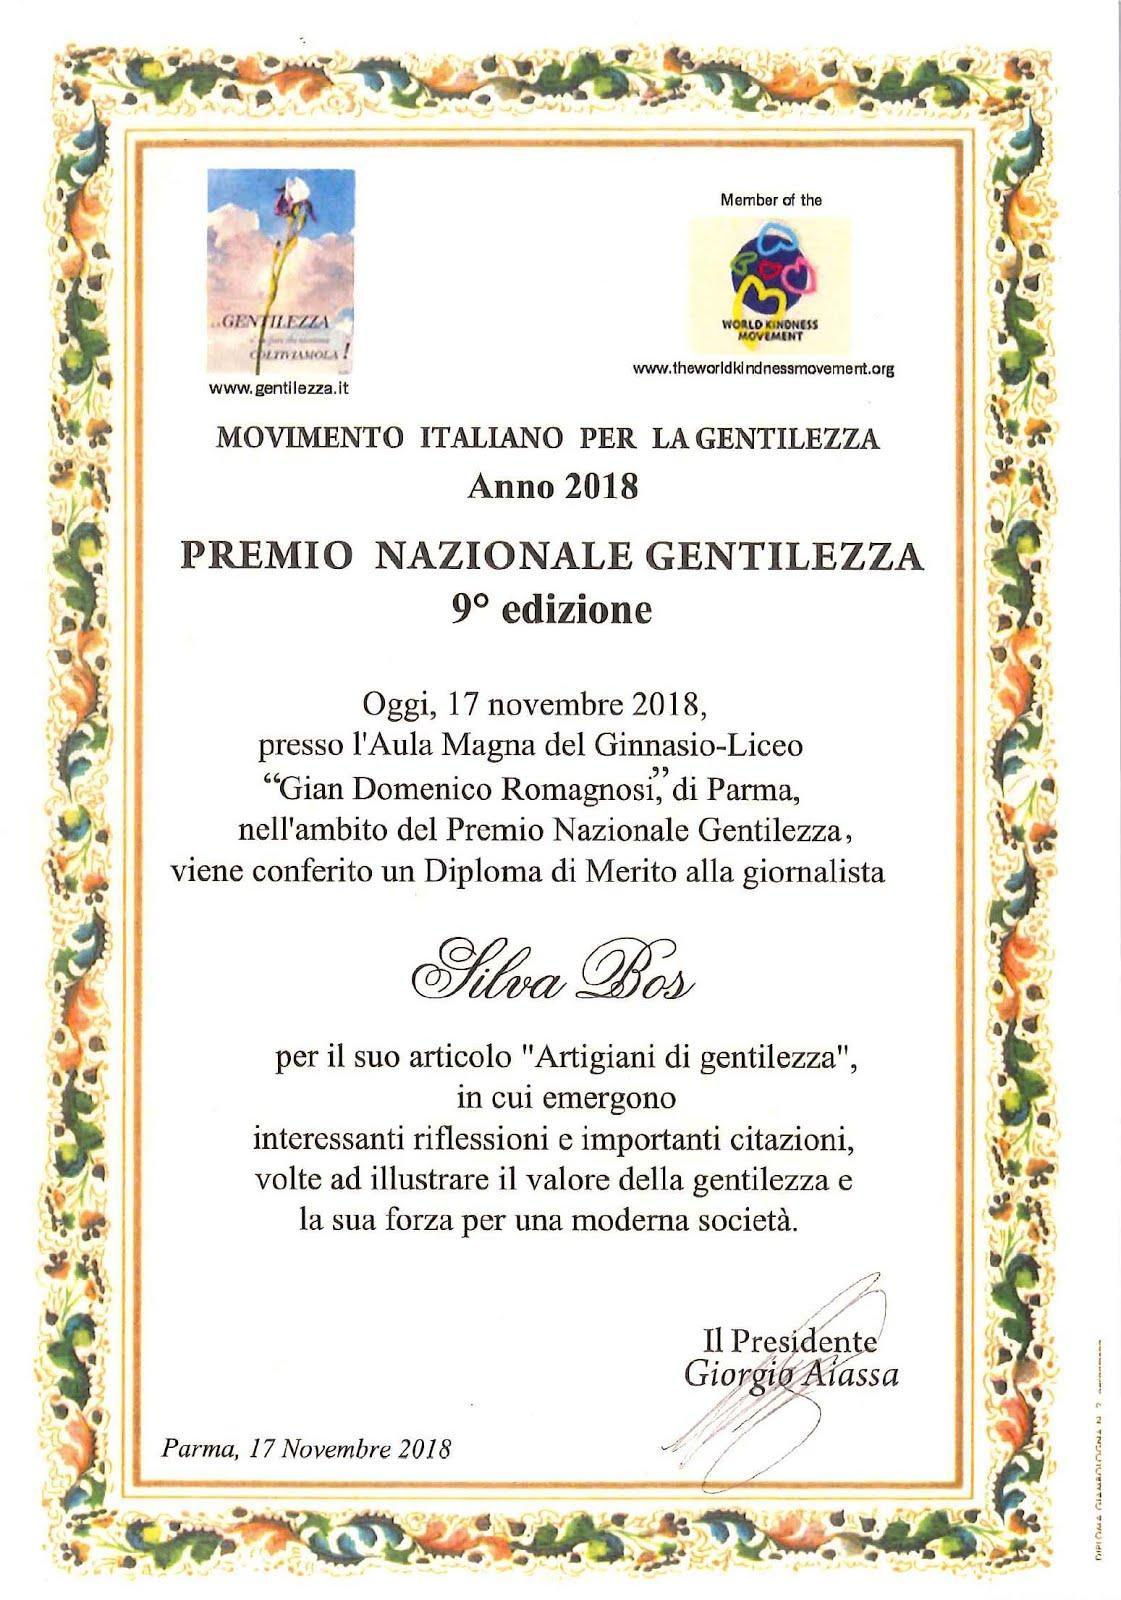 Premio Nazionale Gentilezza 2018 - Diploma di Merito alla giornalista Silva Bos